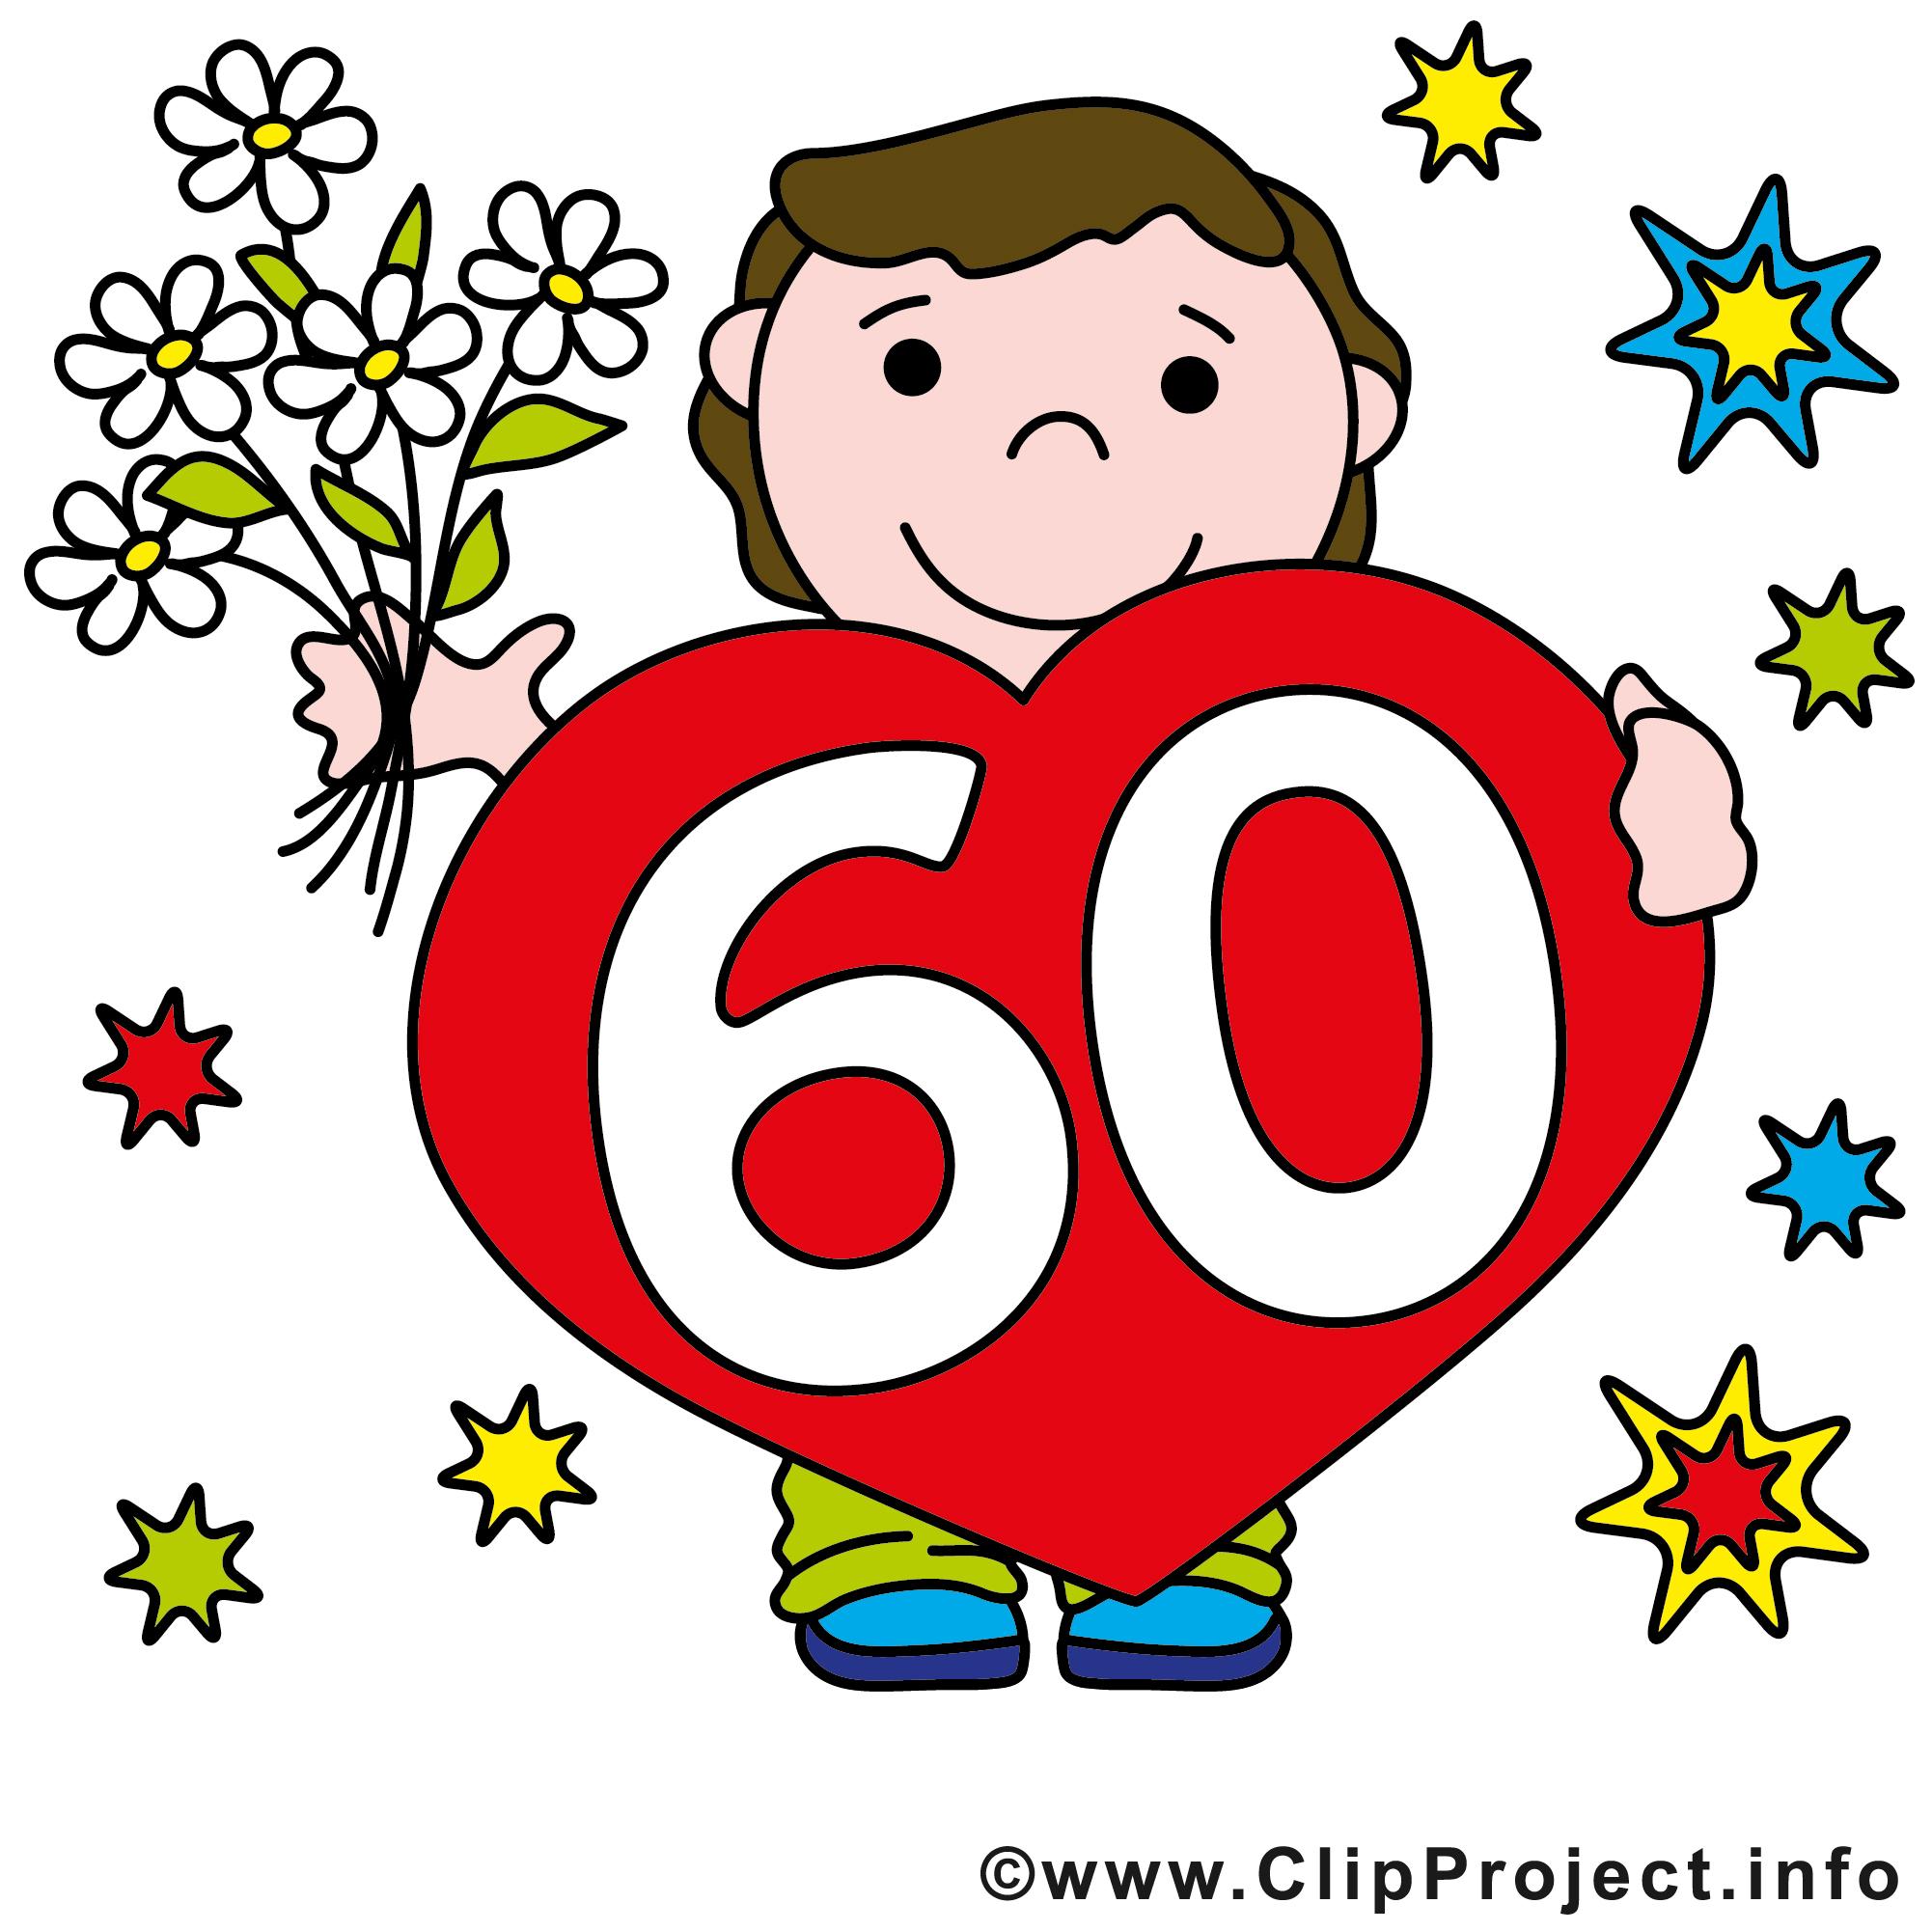 60 ans illustration gratuite anniversaire clipart anniversaire dessin picture image - Clipart anniversaire 60 ans ...